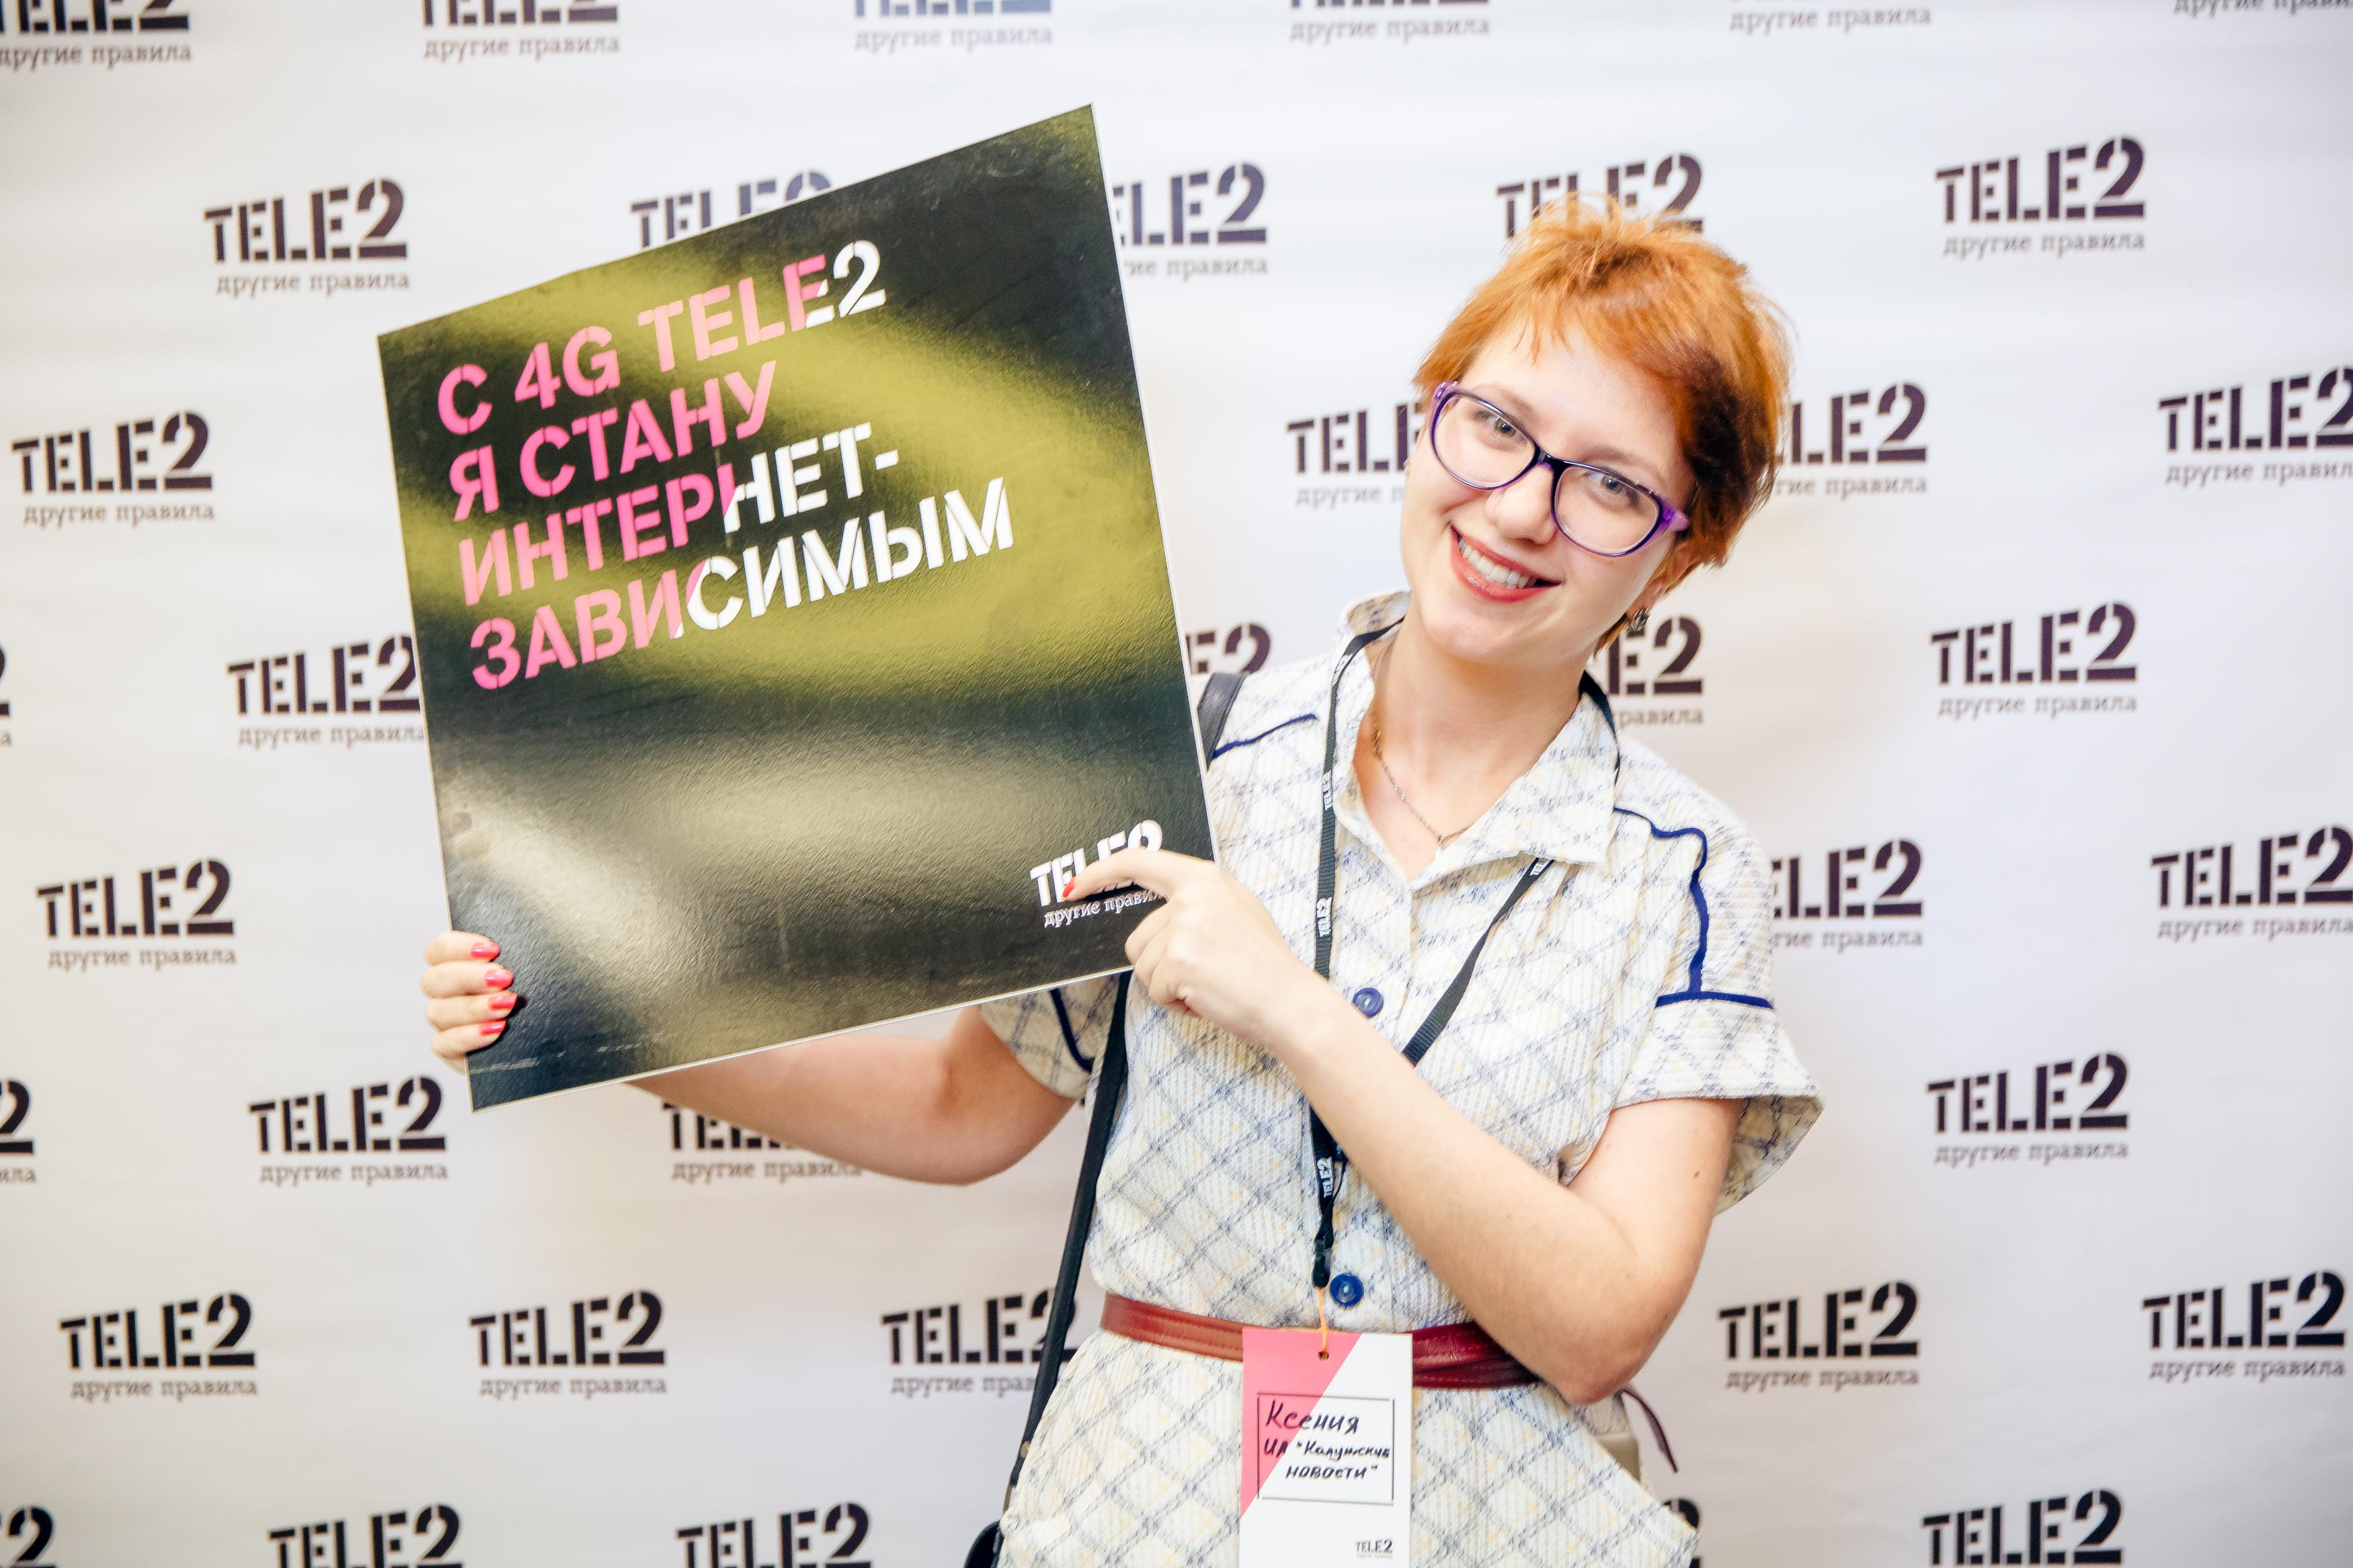 Компания Tele2 перешла в четвертое поколение